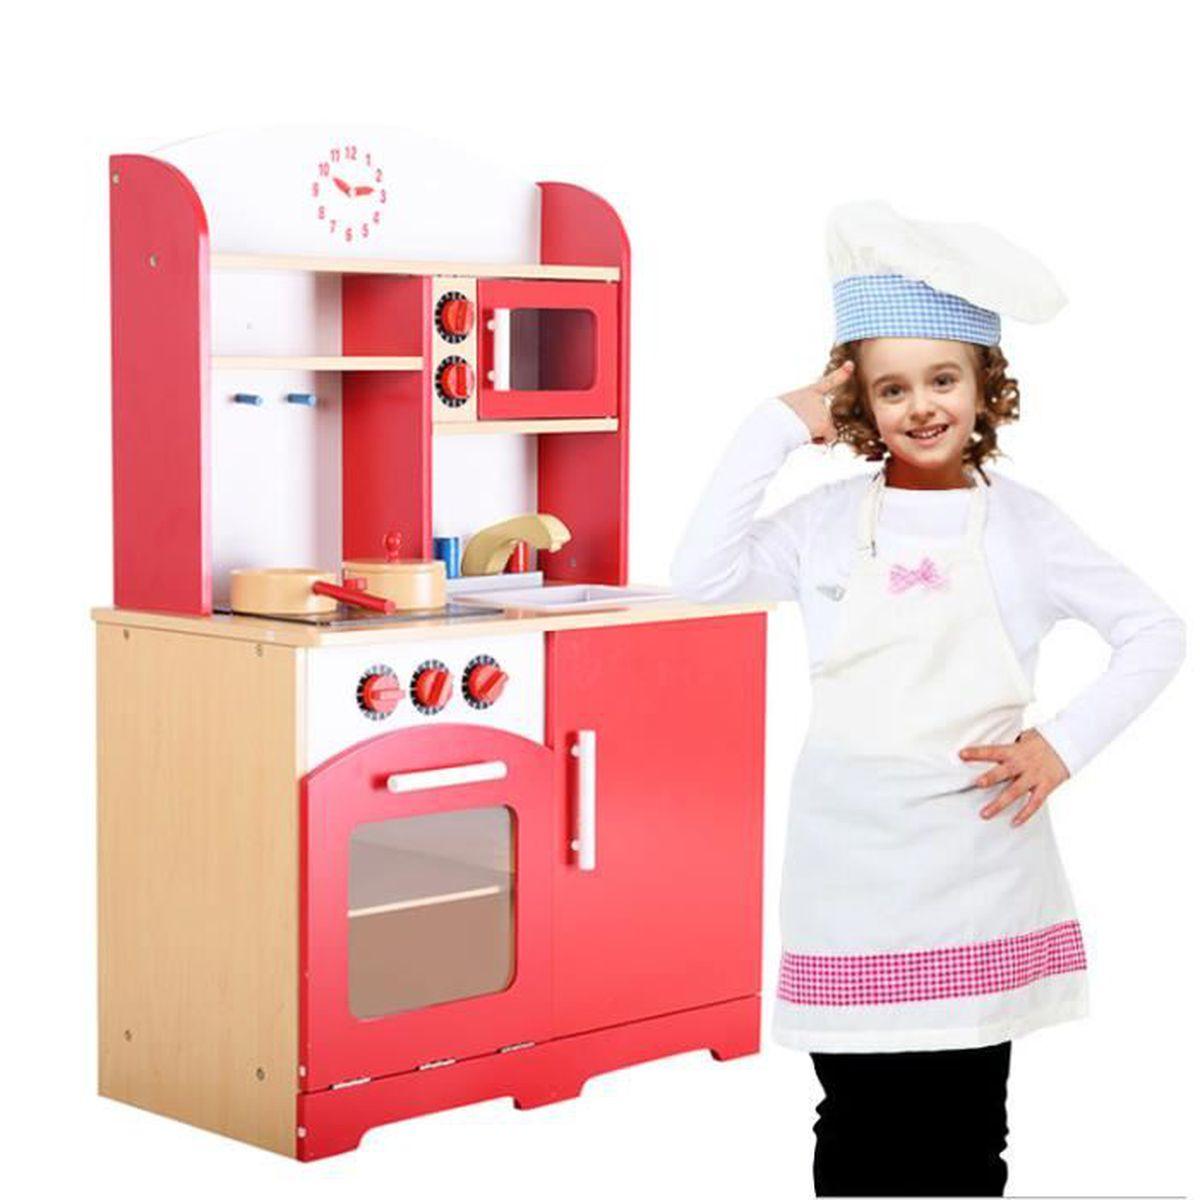 Cuisine jouet pour enfant en bois jeu du r le d imitation for Cuisine en bois jouet ikea